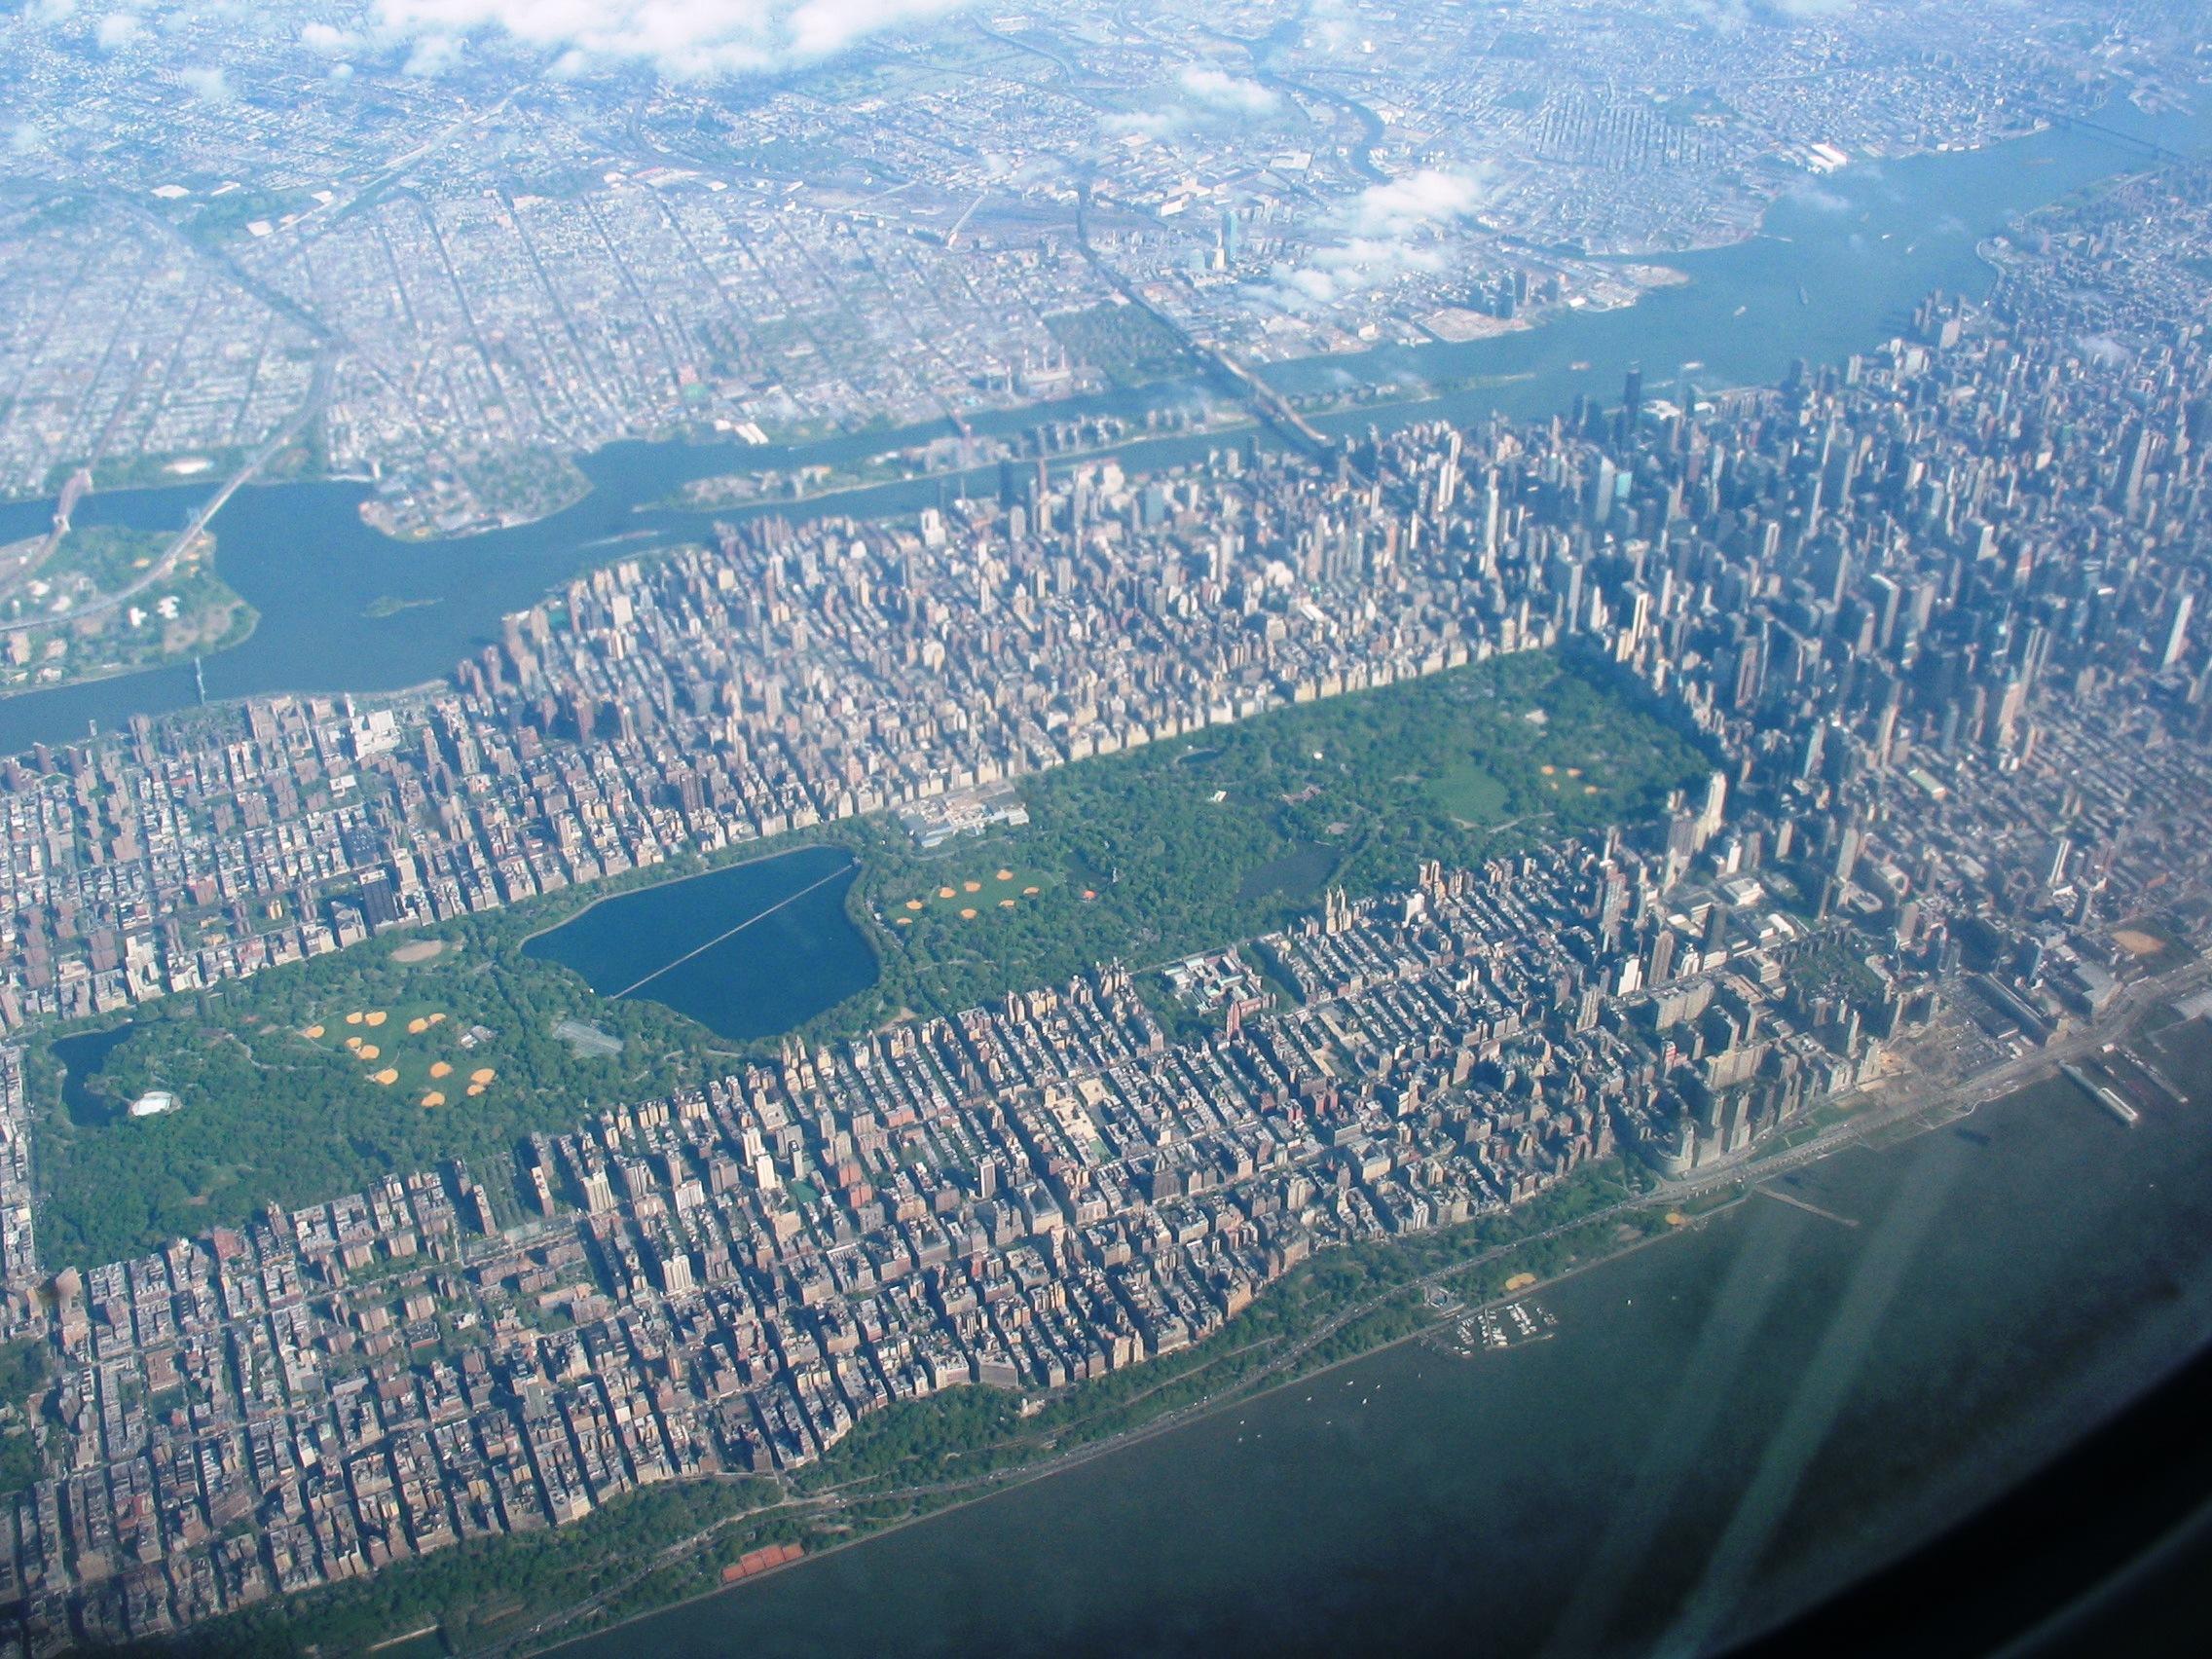 صوره حديقة سنترال بارك نيويورك